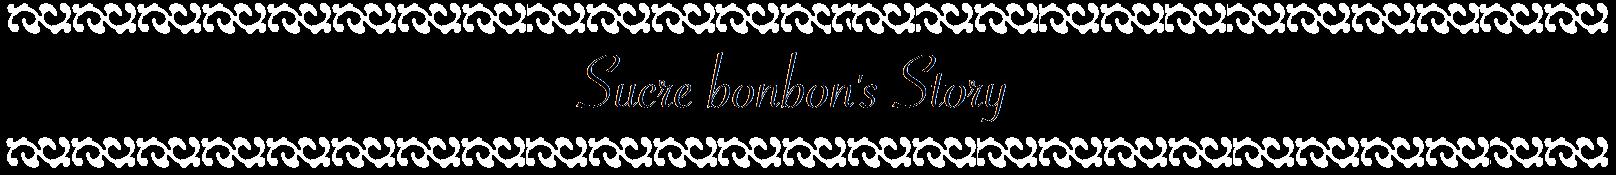 Sucre bonbon's Story